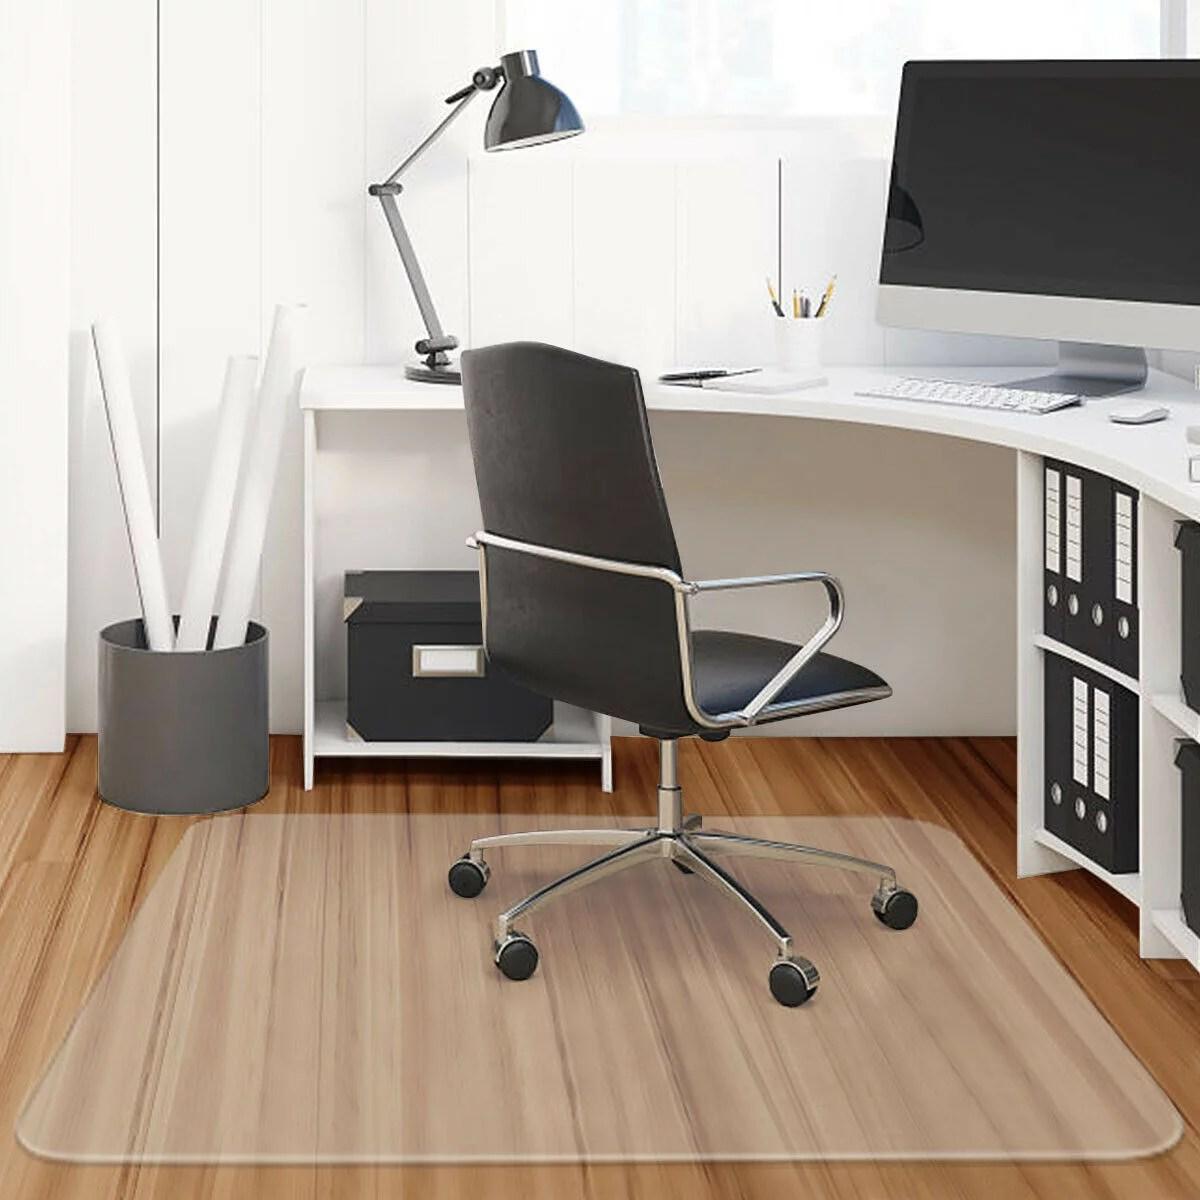 costway tapis de chaise tapis protege sol tapis de protection pour bureau avec surface antiderapante en pvc 120 x 120 x 0 15 cm